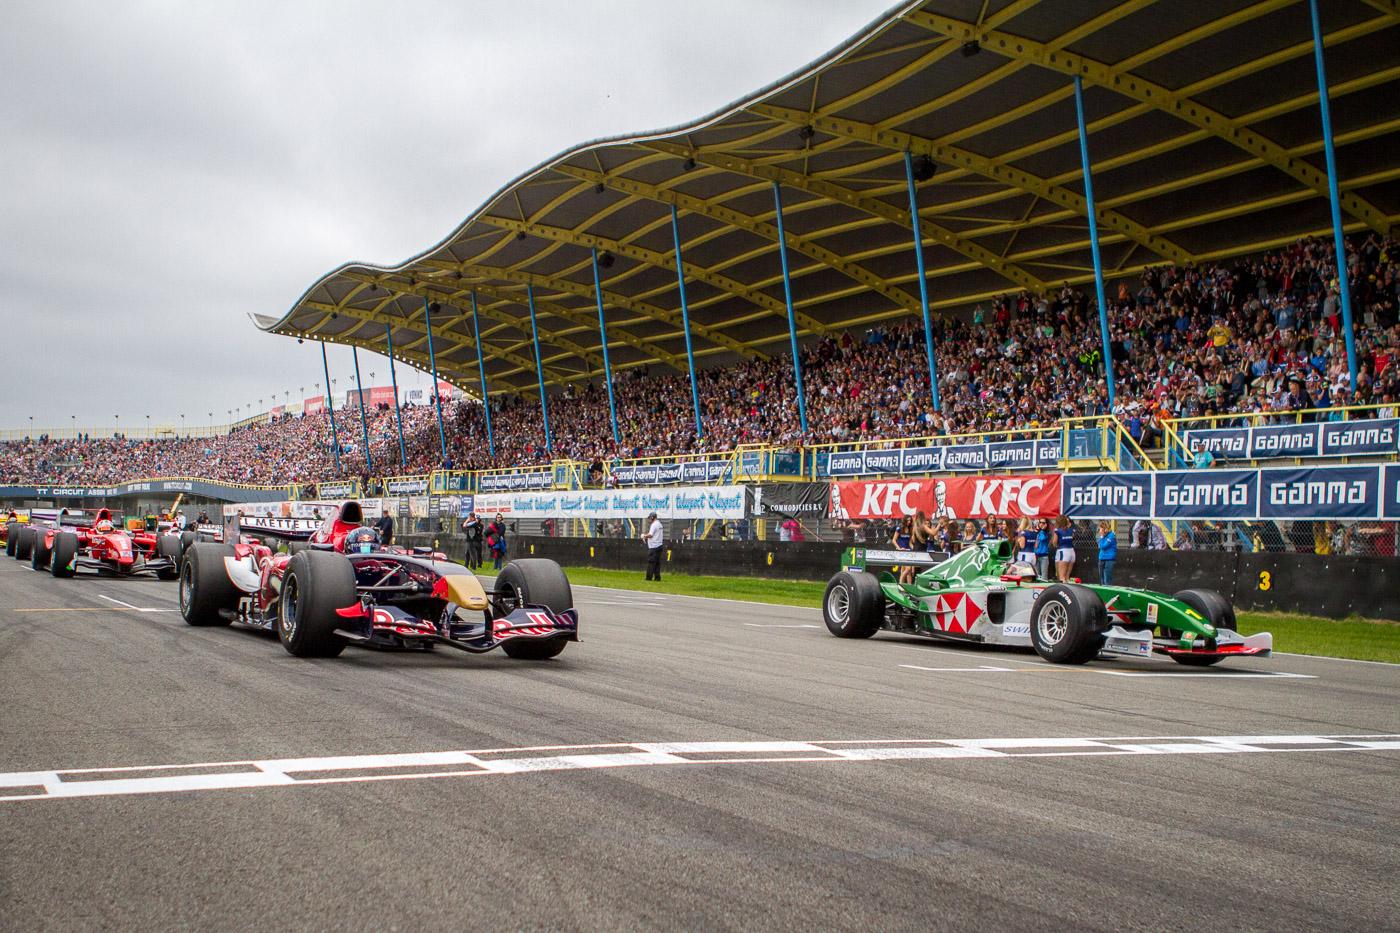 Formel 1: Großer Preis Von Deutschland 2021, 29. Juli